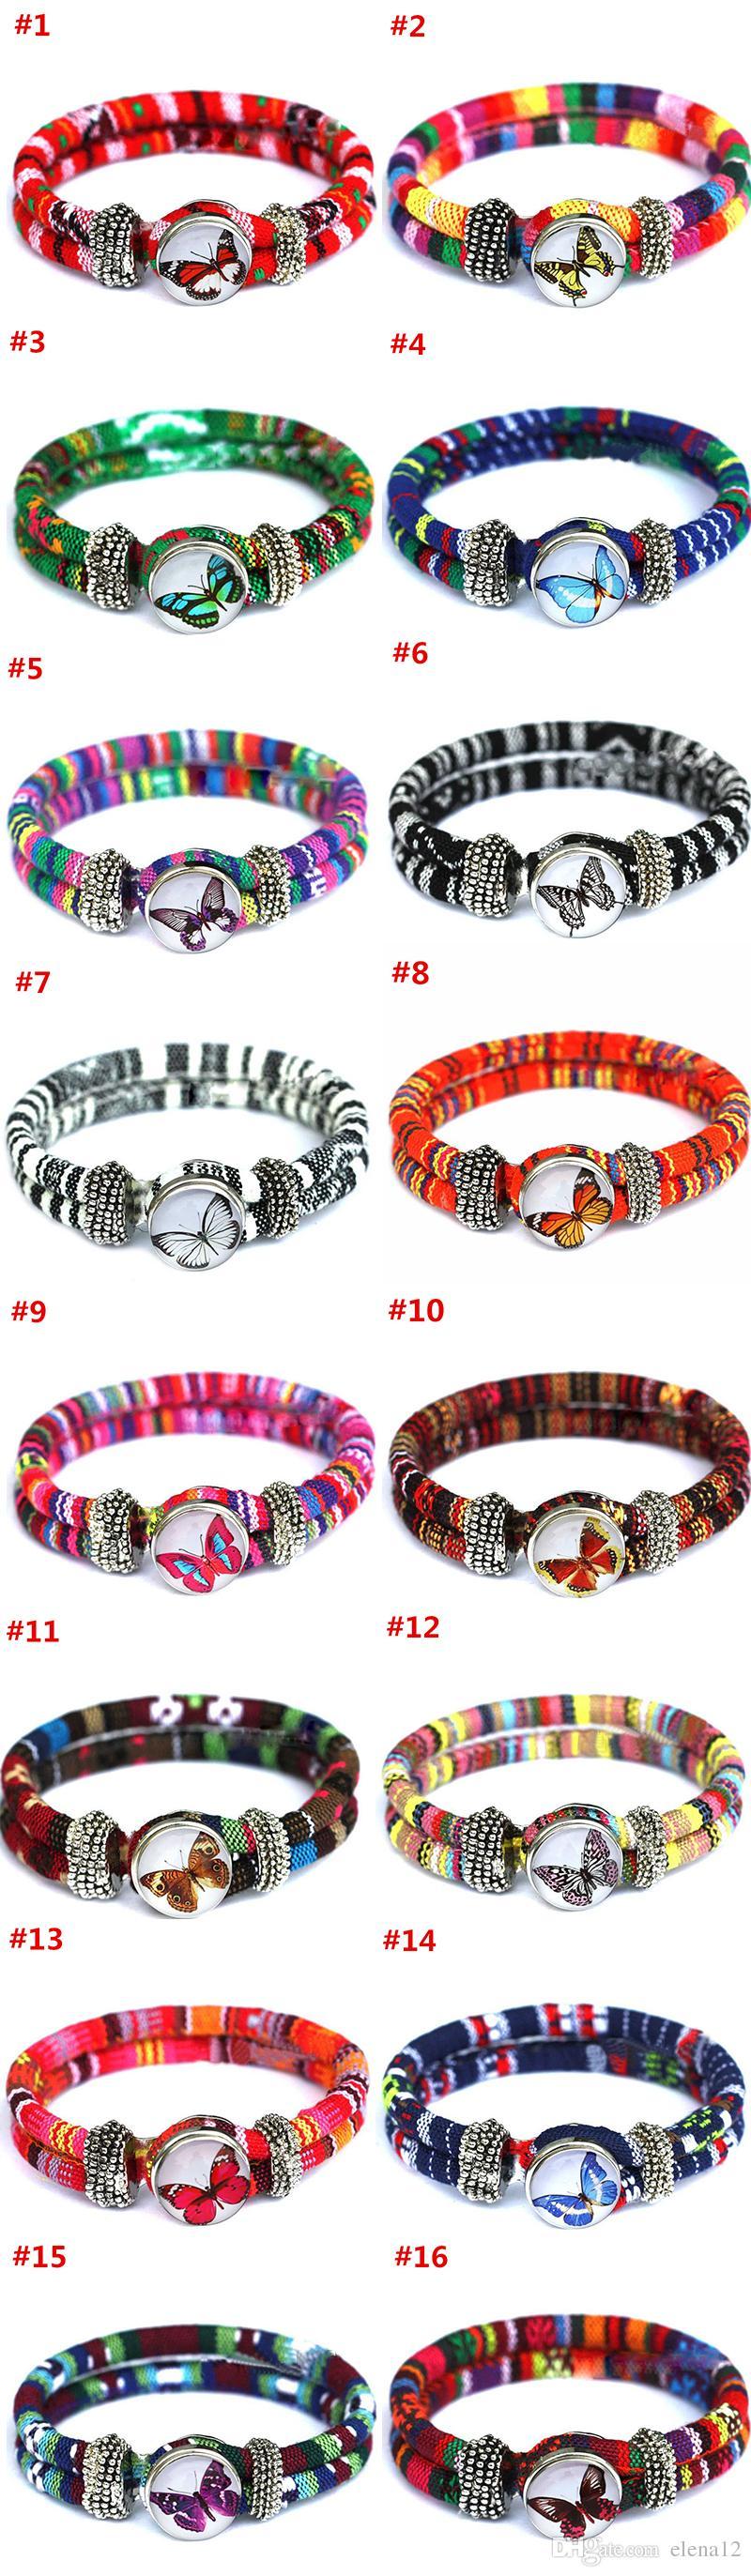 Nuovi braccialetti di fascino nazionale Noosa TrendyBracelet Snap Button Jewelry Wristband Best Gift braccialetto noosa gioielli fai da te 160382